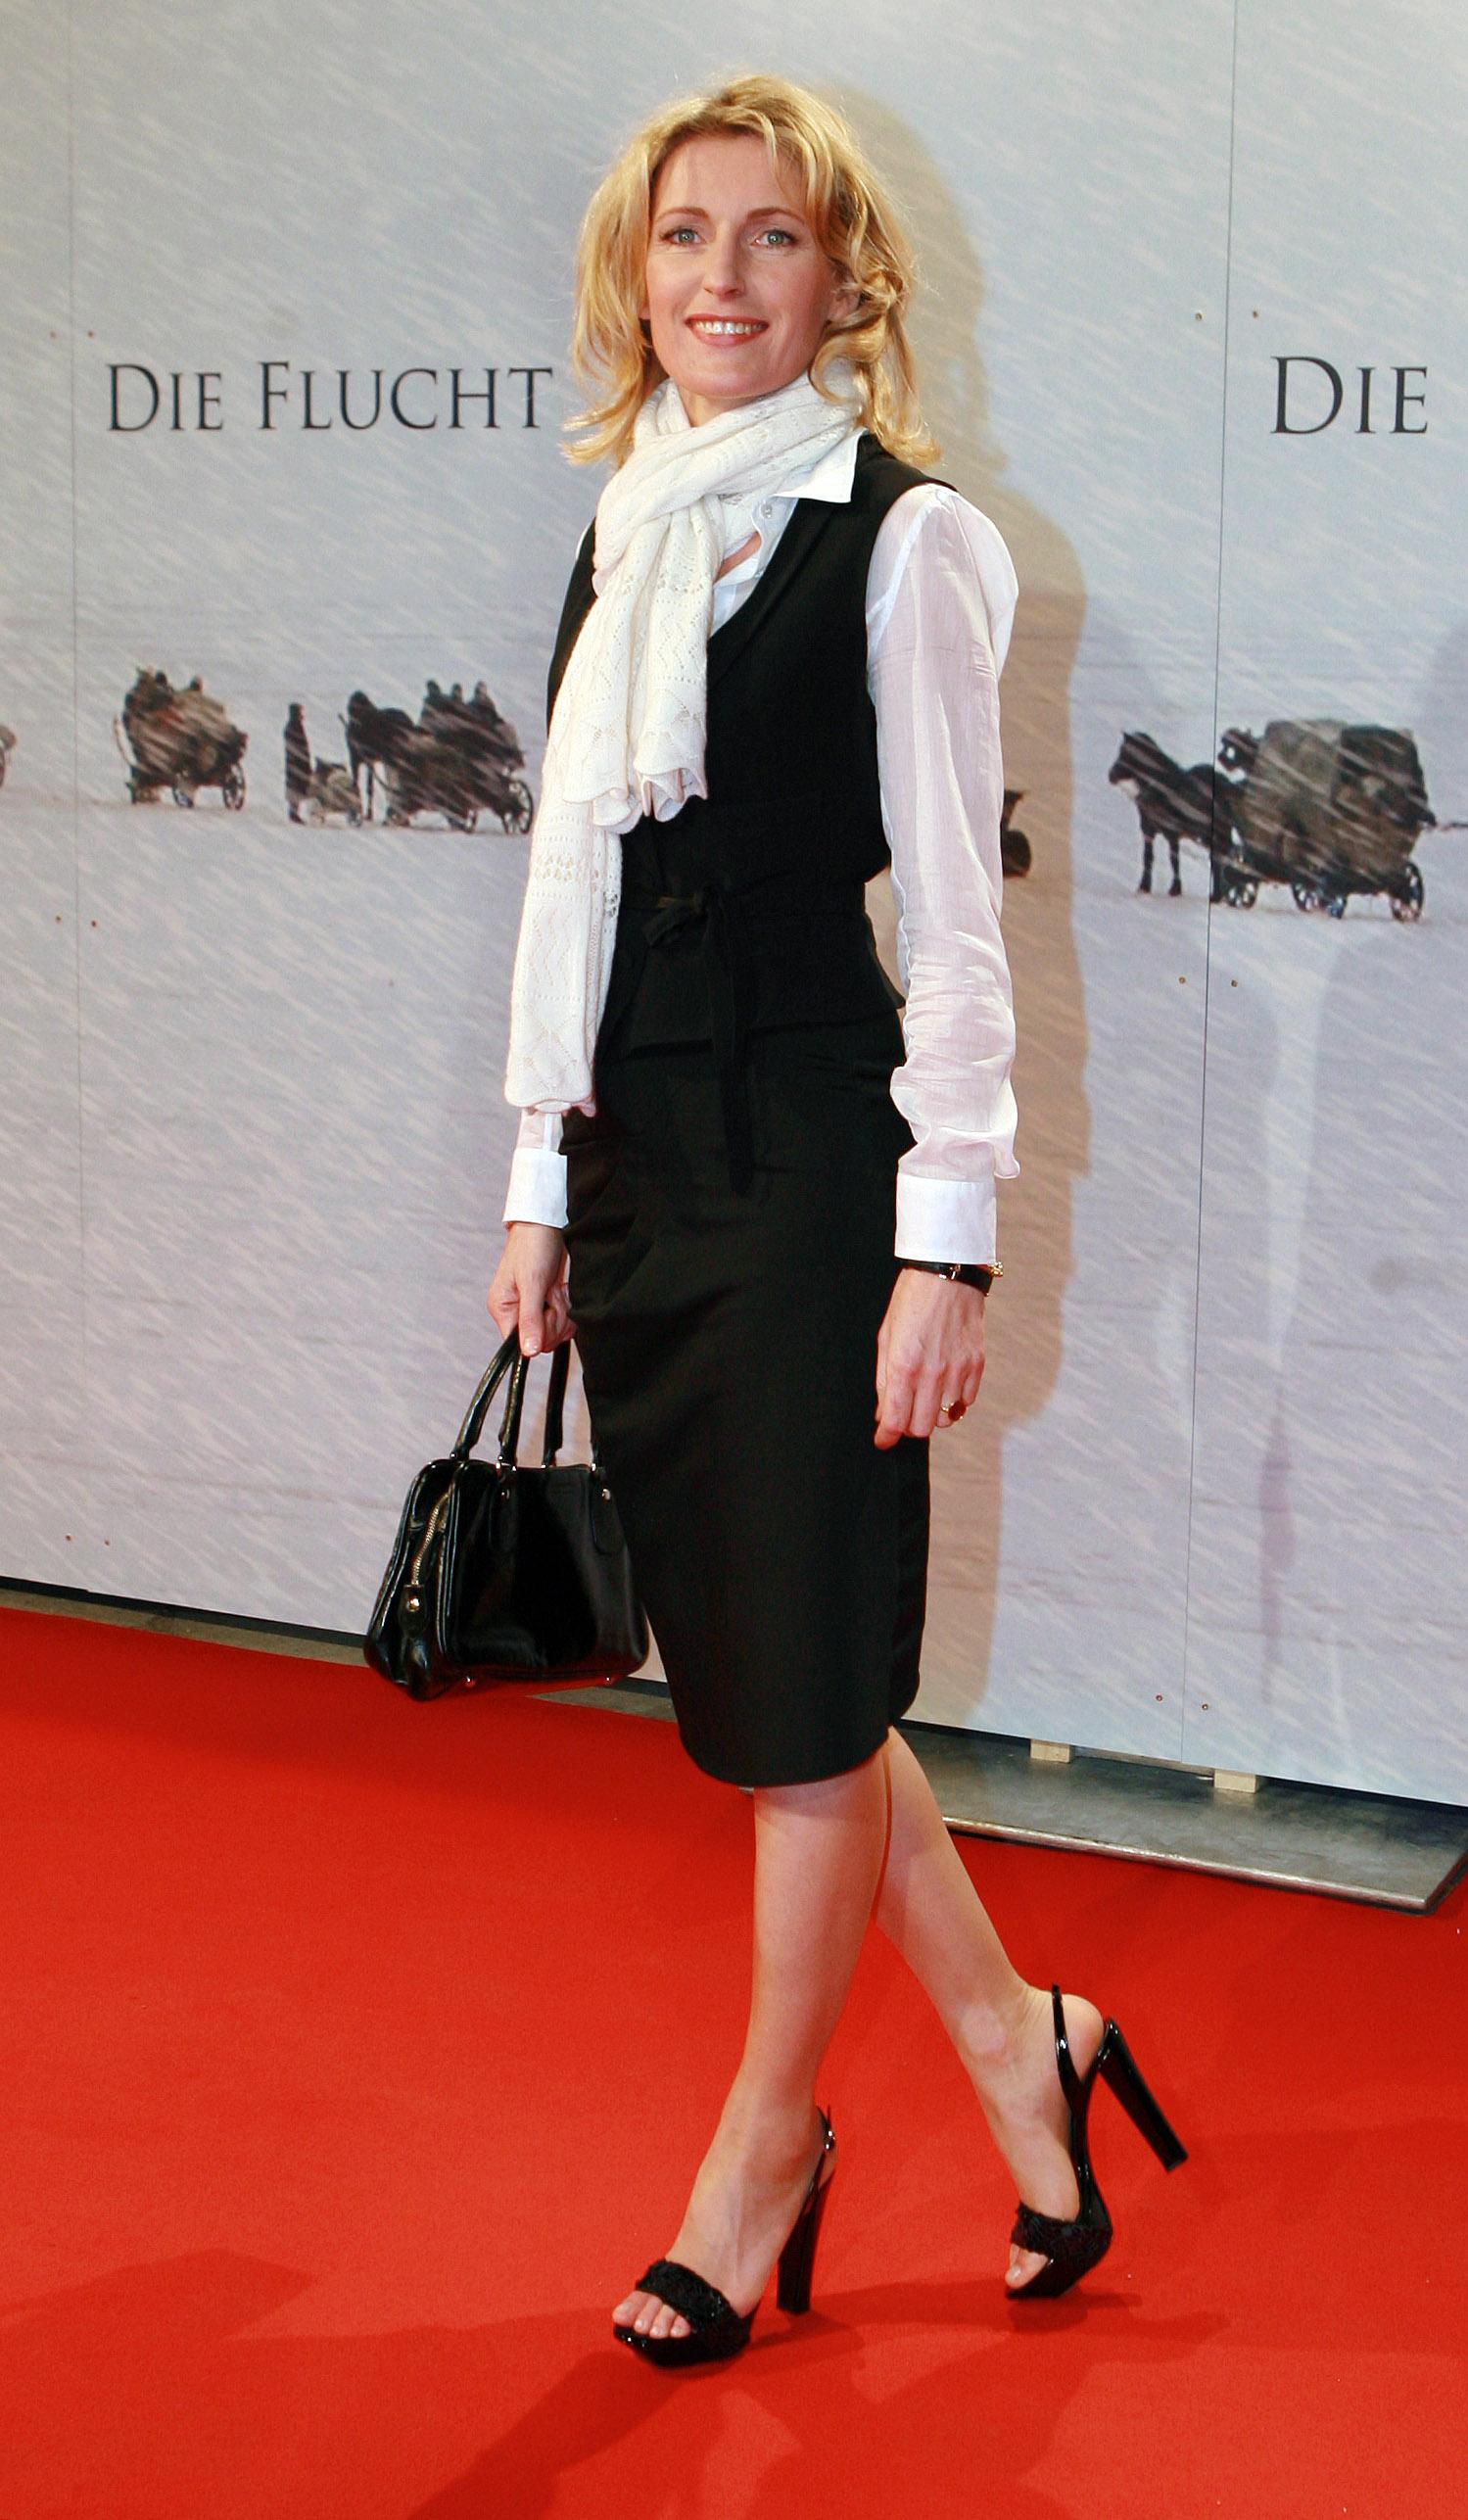 Maria Furtwänglers Feet